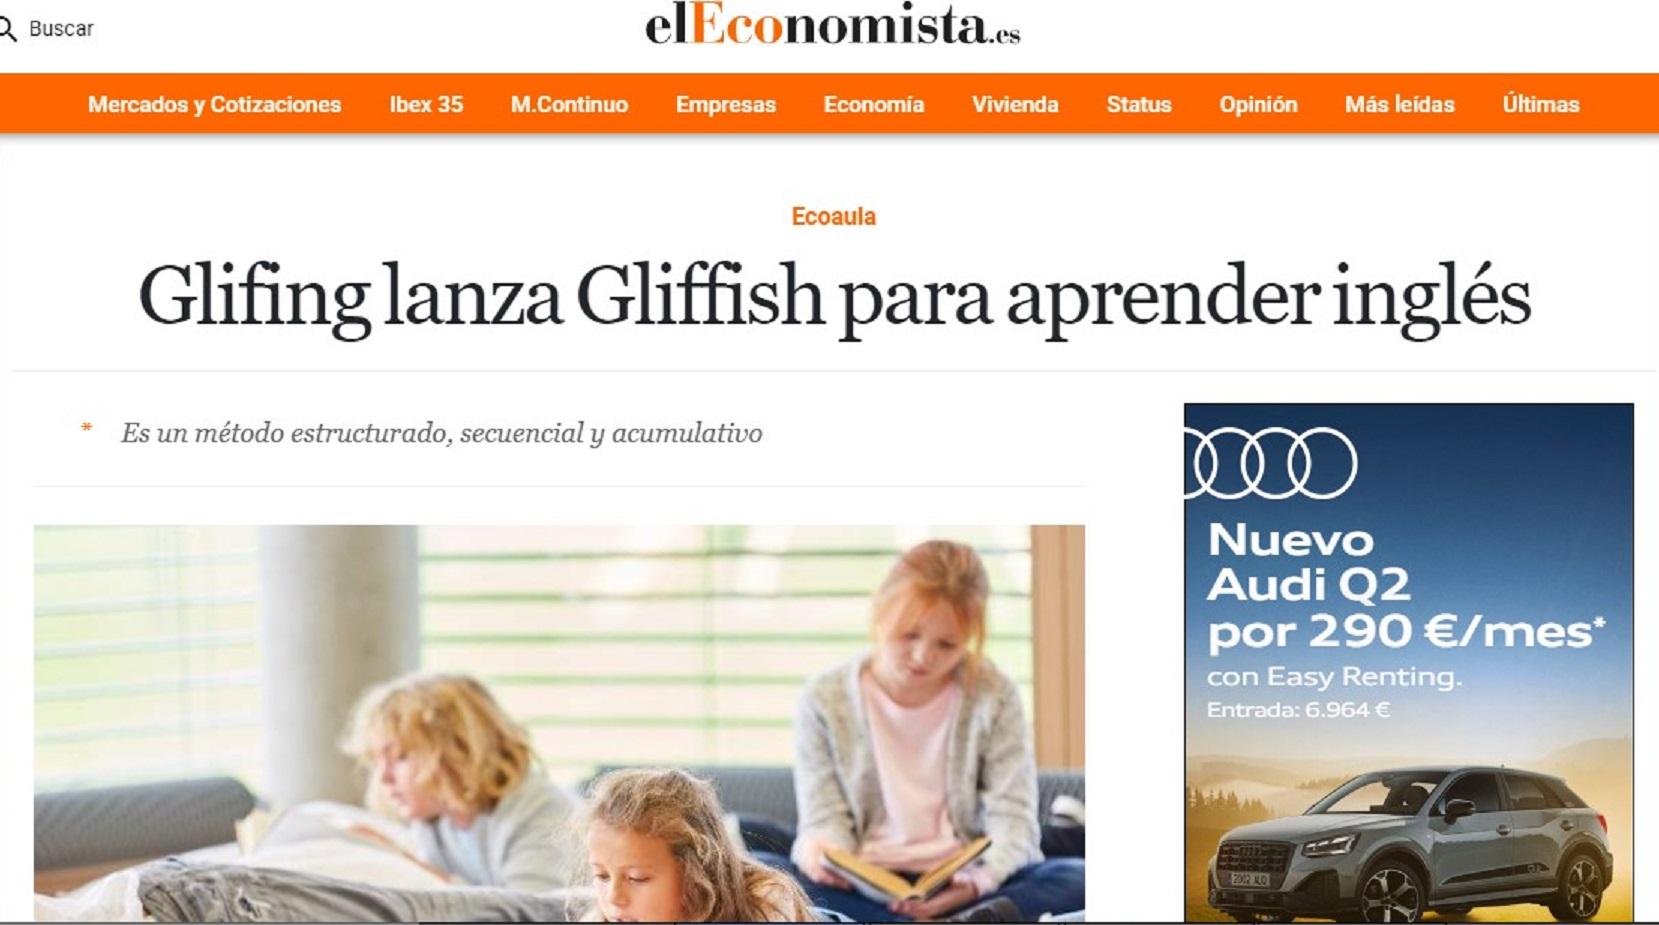 Glifing en El Economista - 03/07/2020 gabinete de prensa